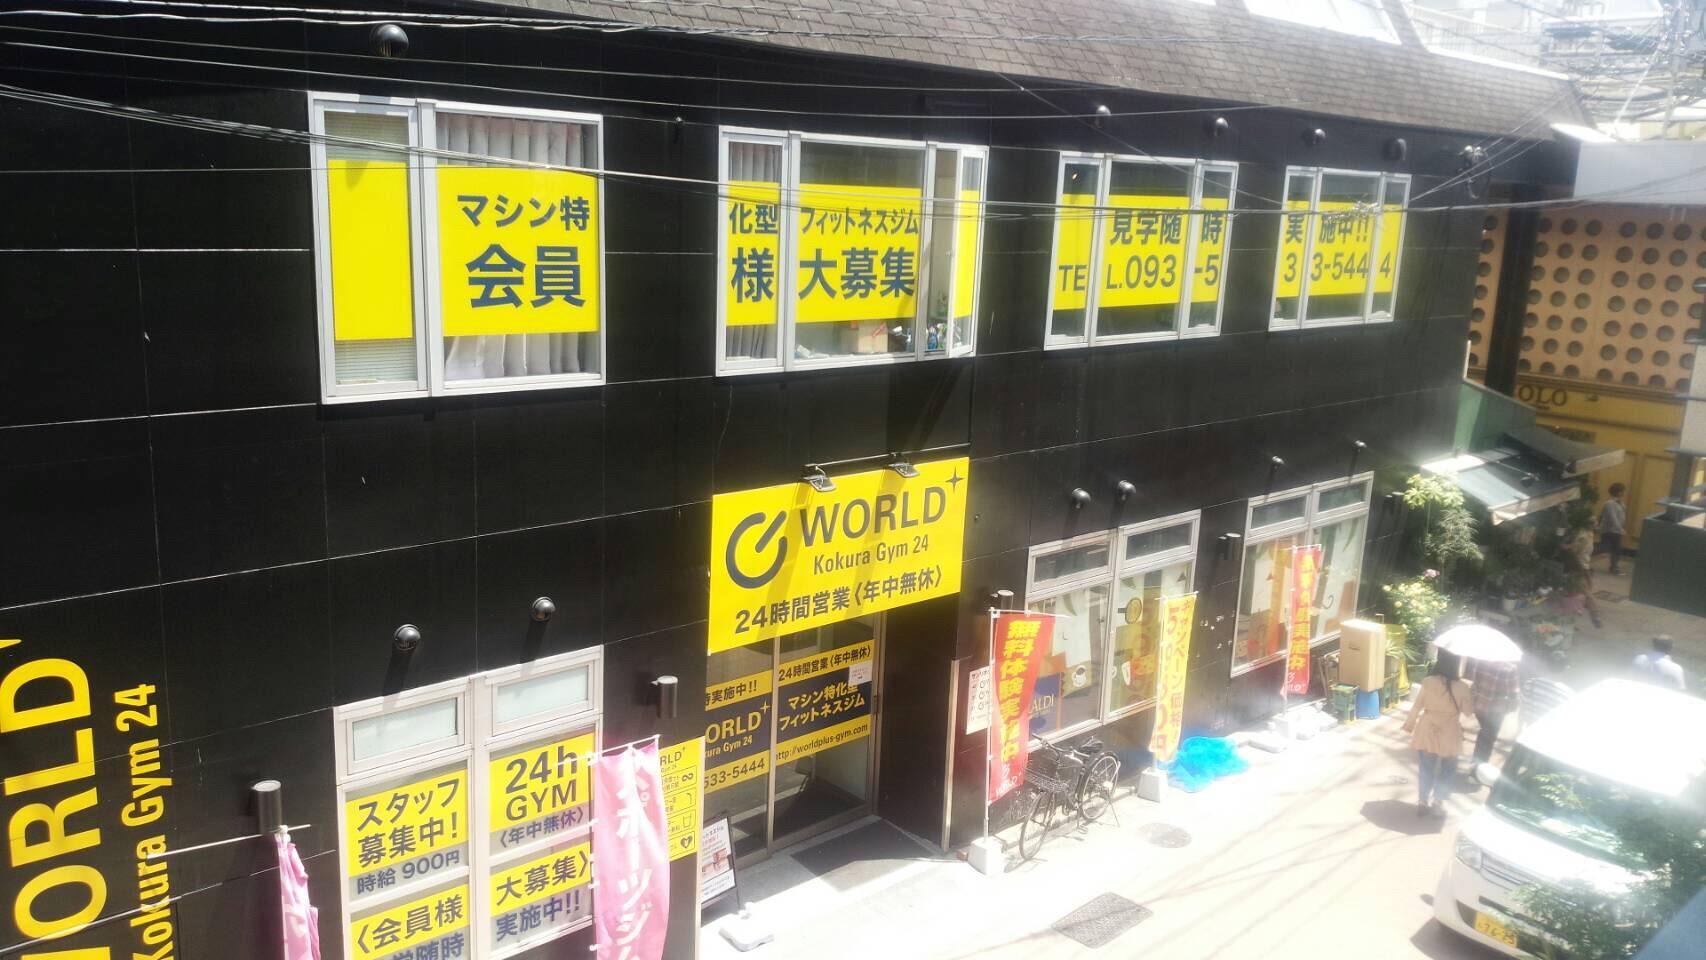 ワールド+ジム 小倉店